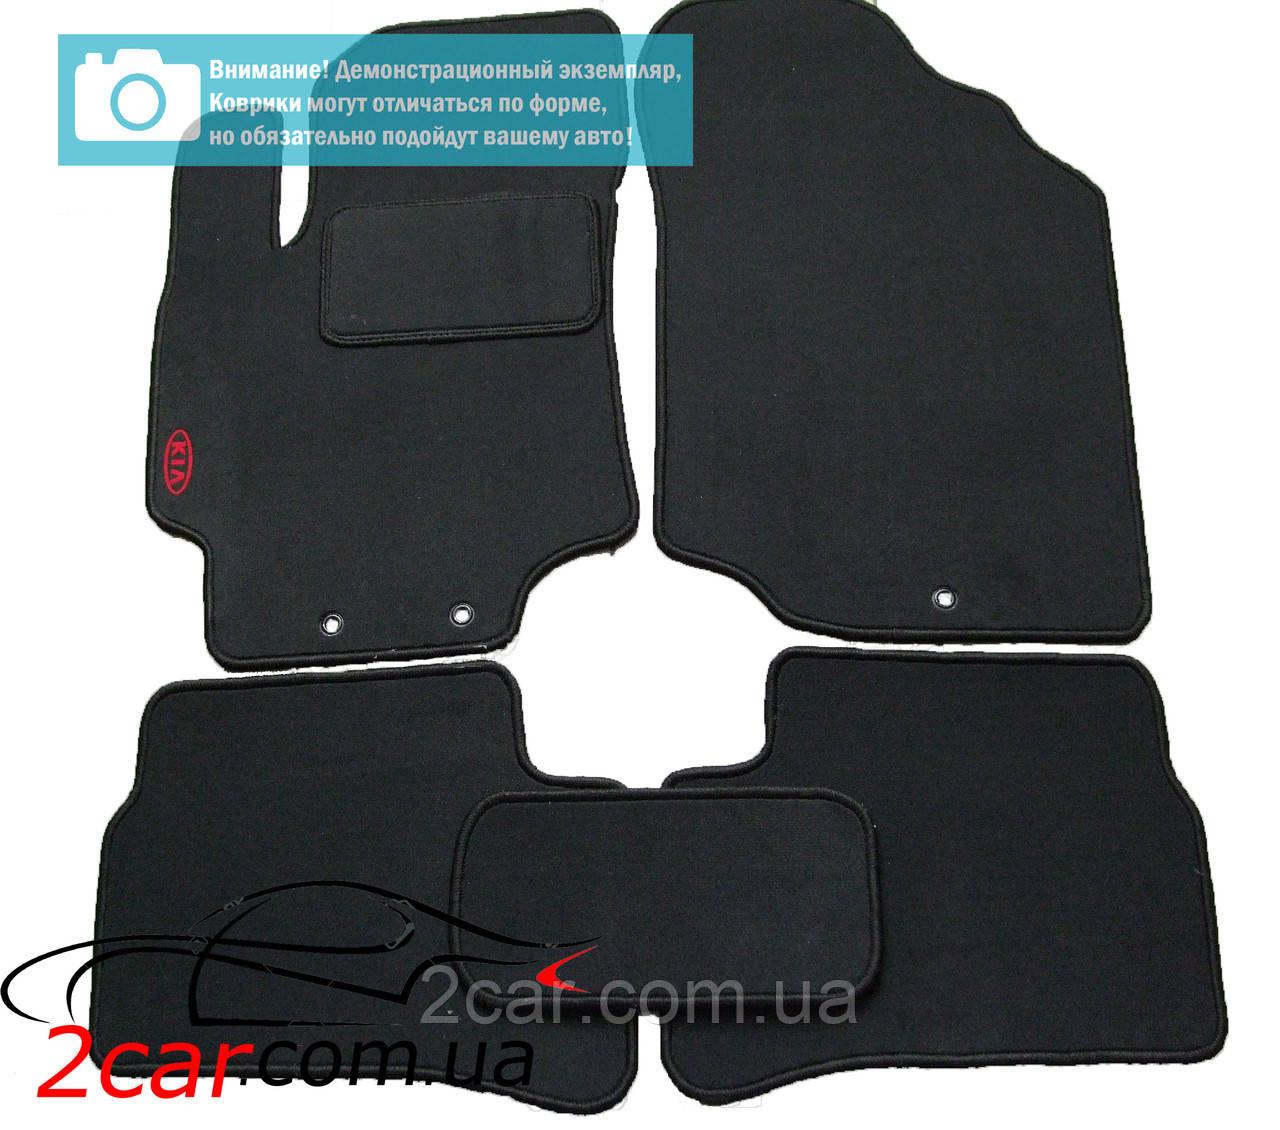 Текстильные коврики в салон для ВАЗ 2101 (серые) (StingrayUA)